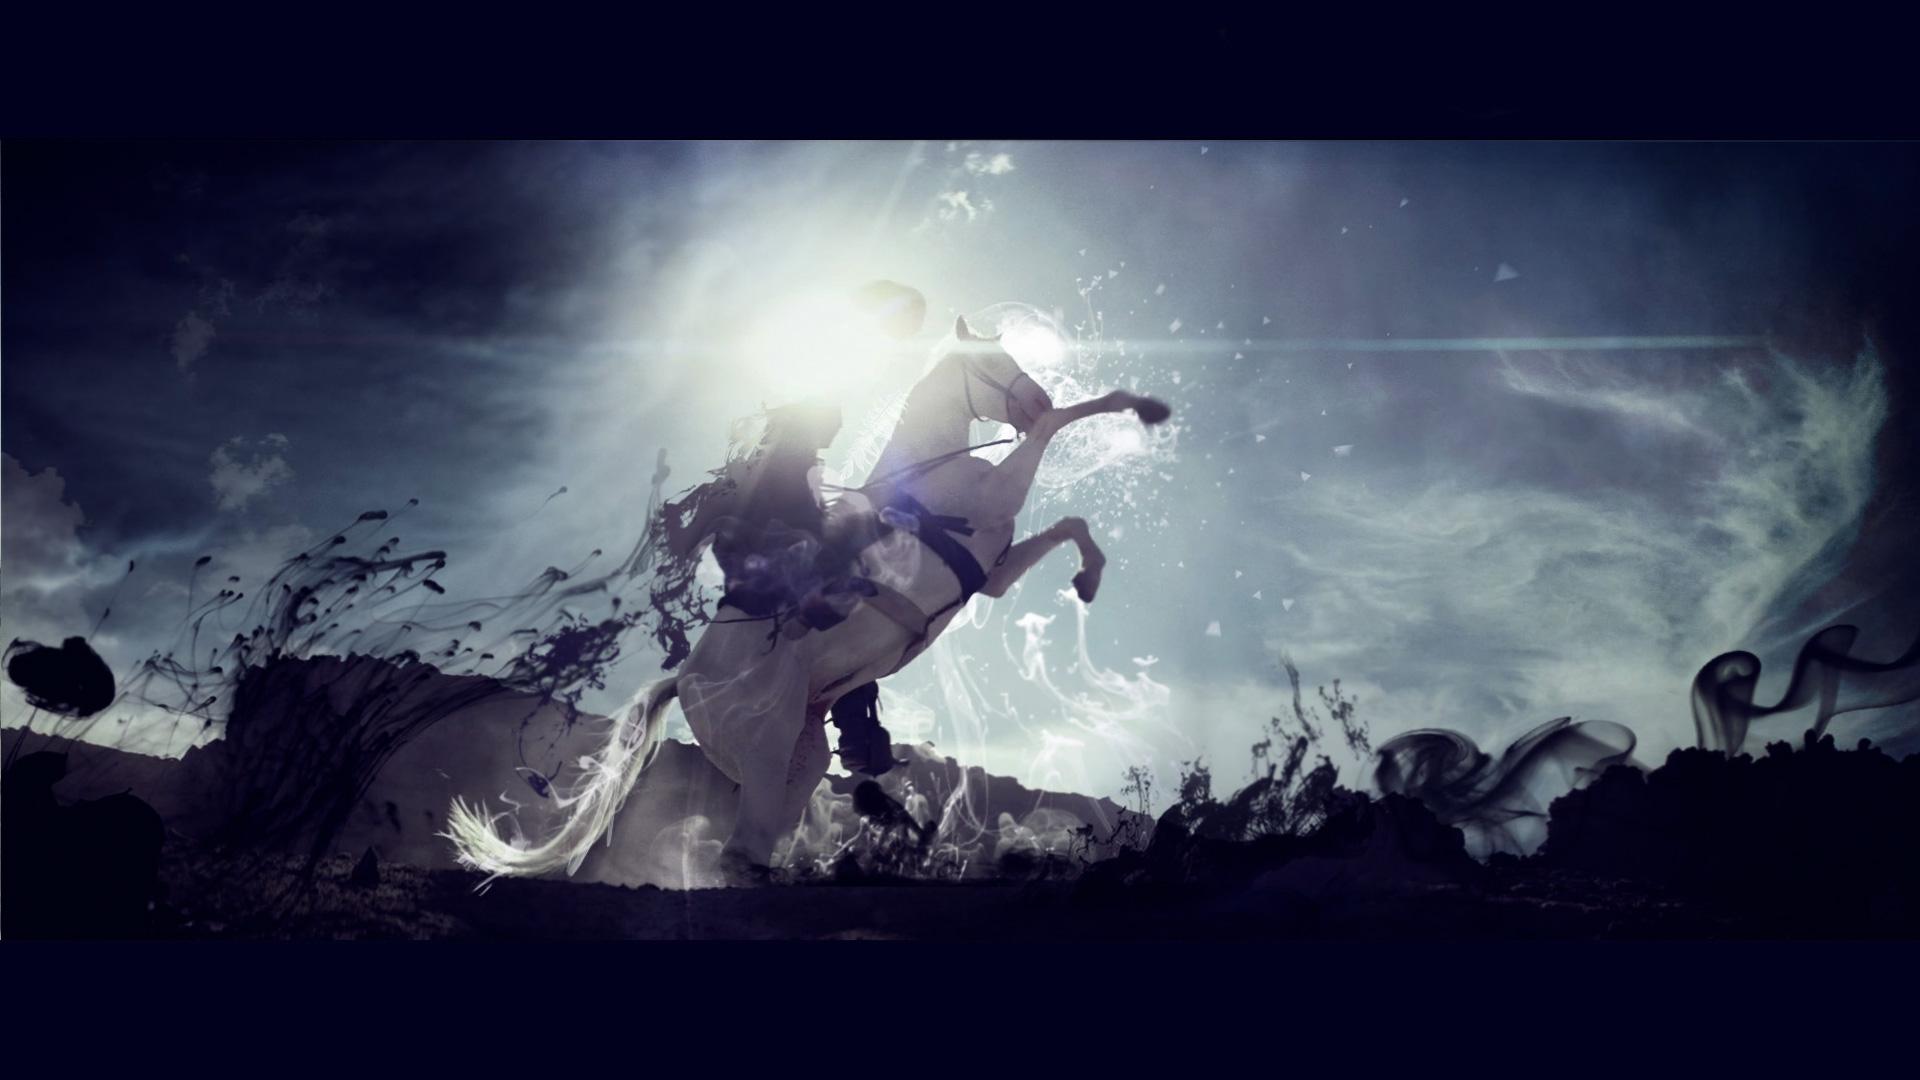 Final_Sh19_Hero-Shot2-White-stallion-rearing